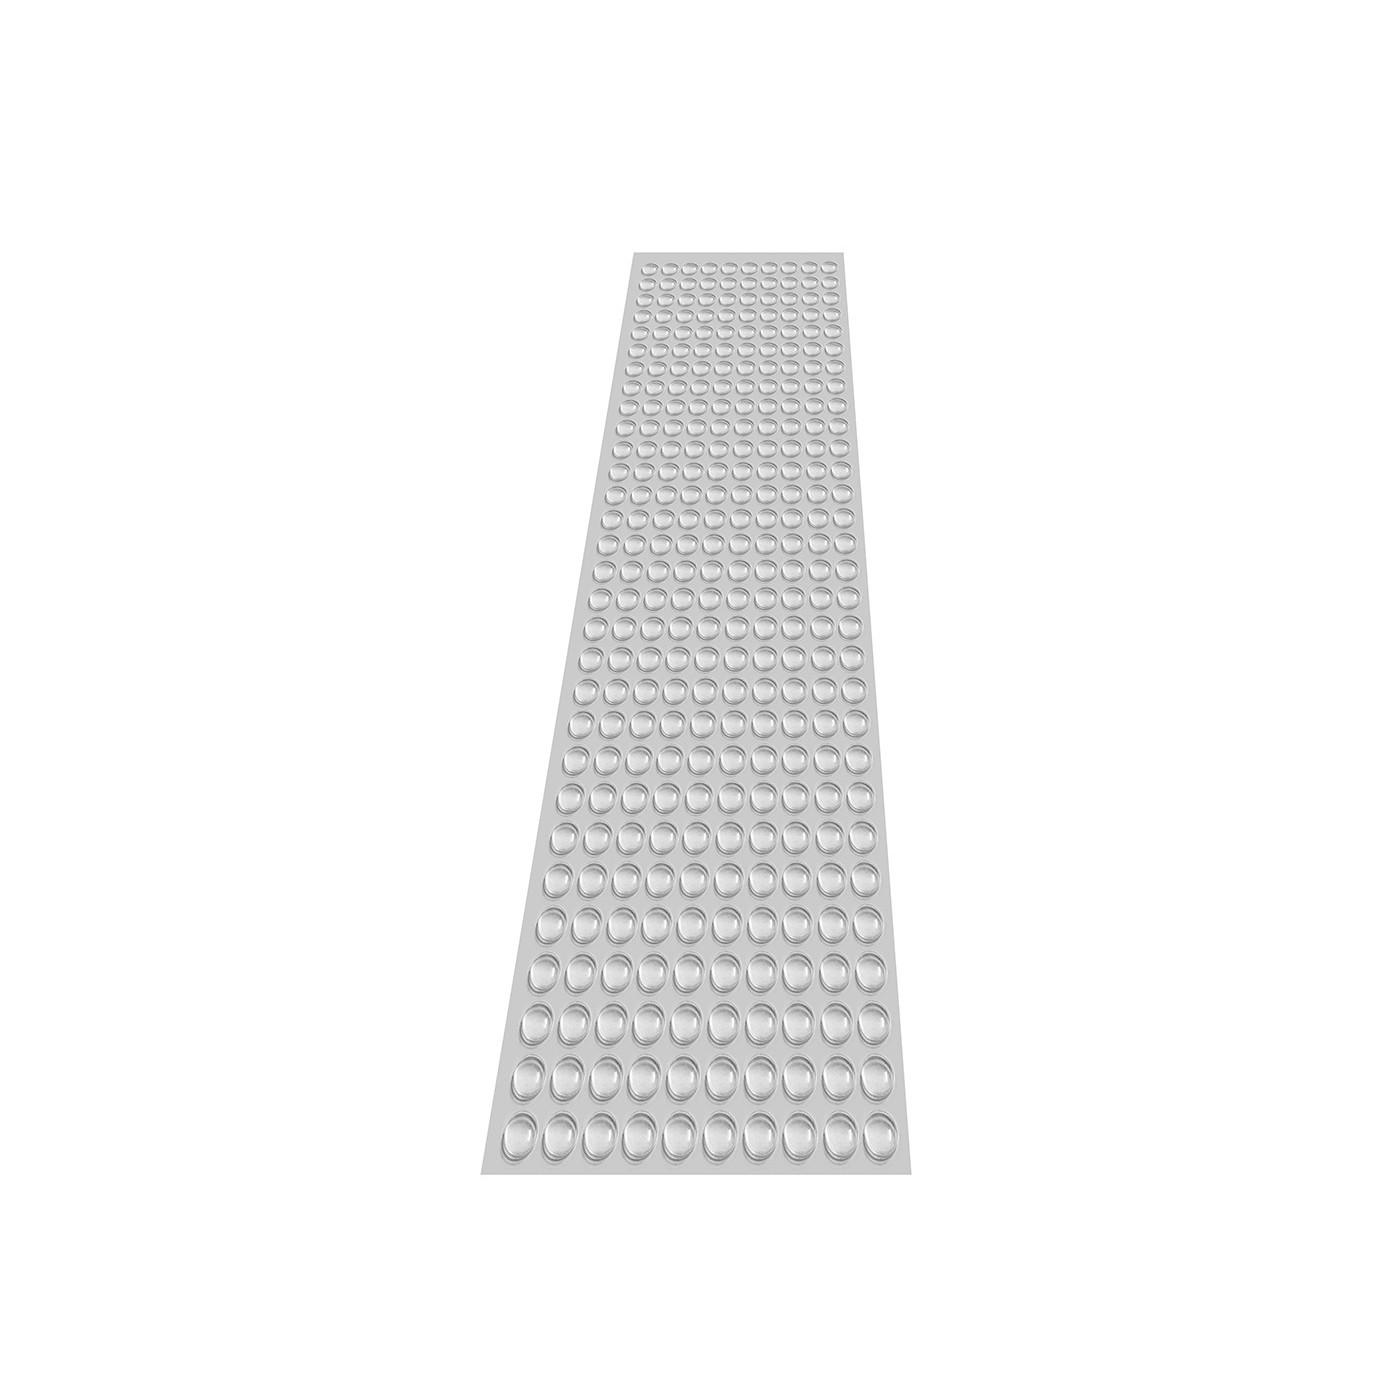 Conjunto de 300 tampones autoadhesivos (tipo 3, 10.0x3.0 mm)  - 1